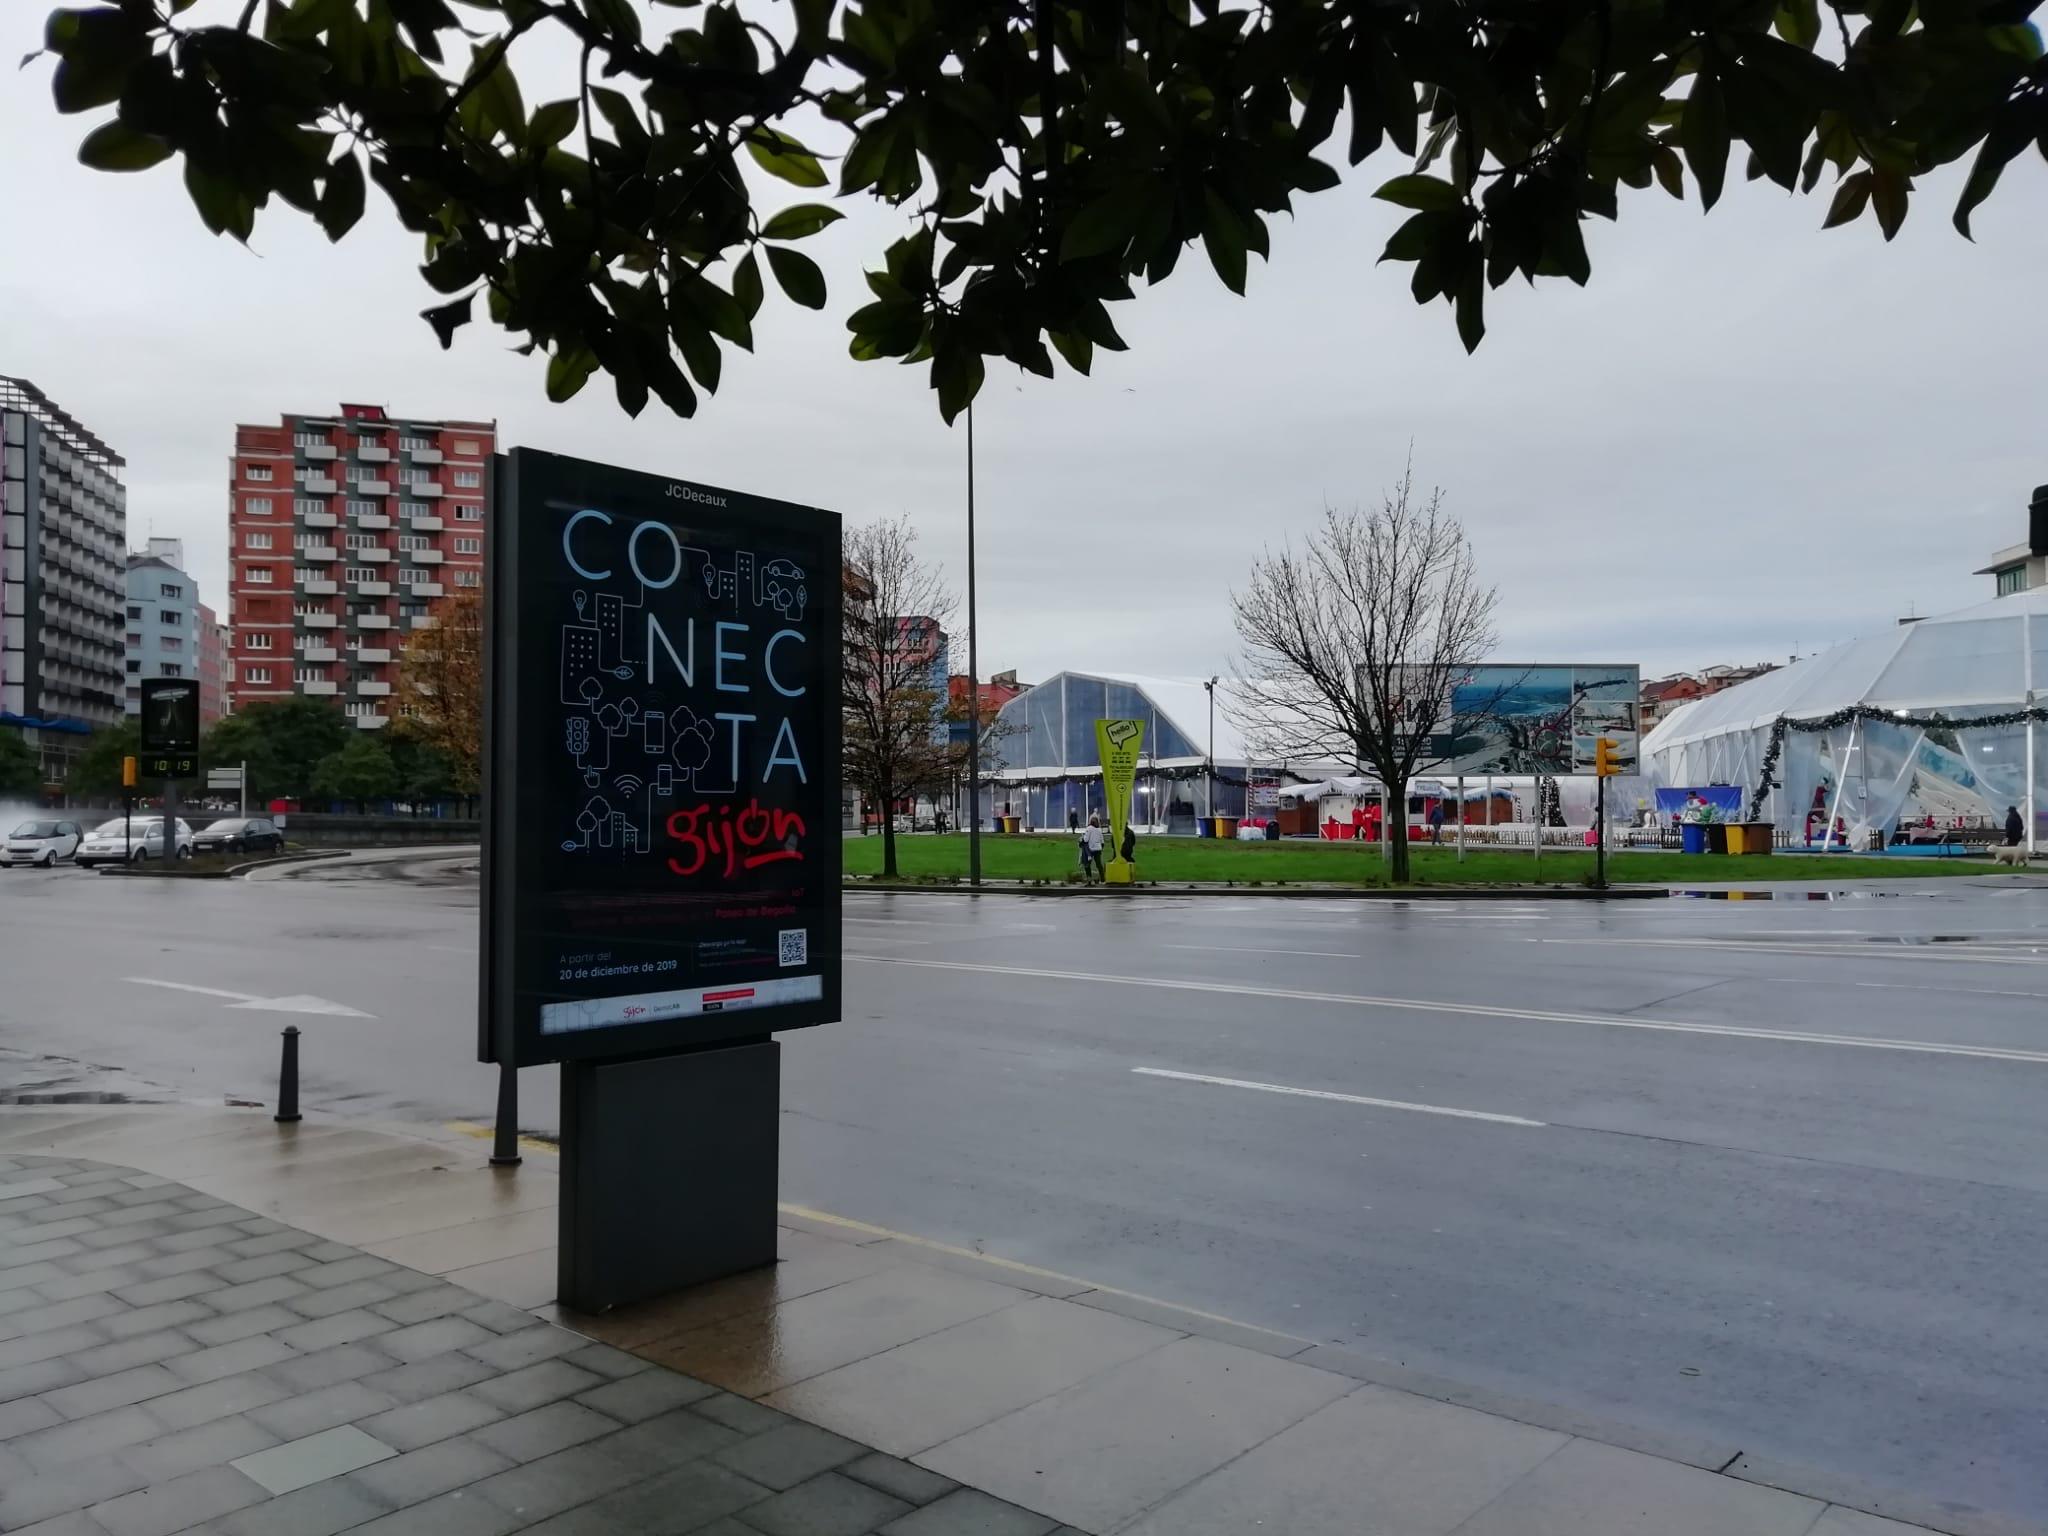 Gijón se convierte en una ciudad inteligente